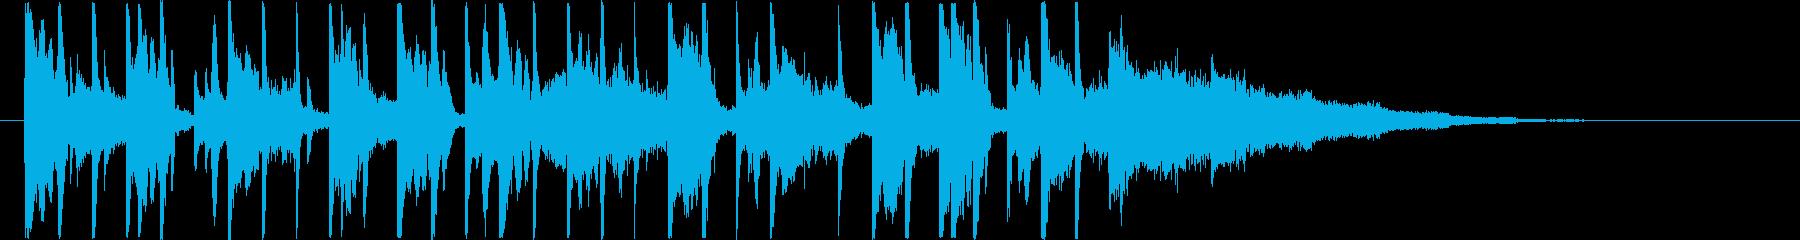 電気楽器。ロボットと機械の短い合図。の再生済みの波形